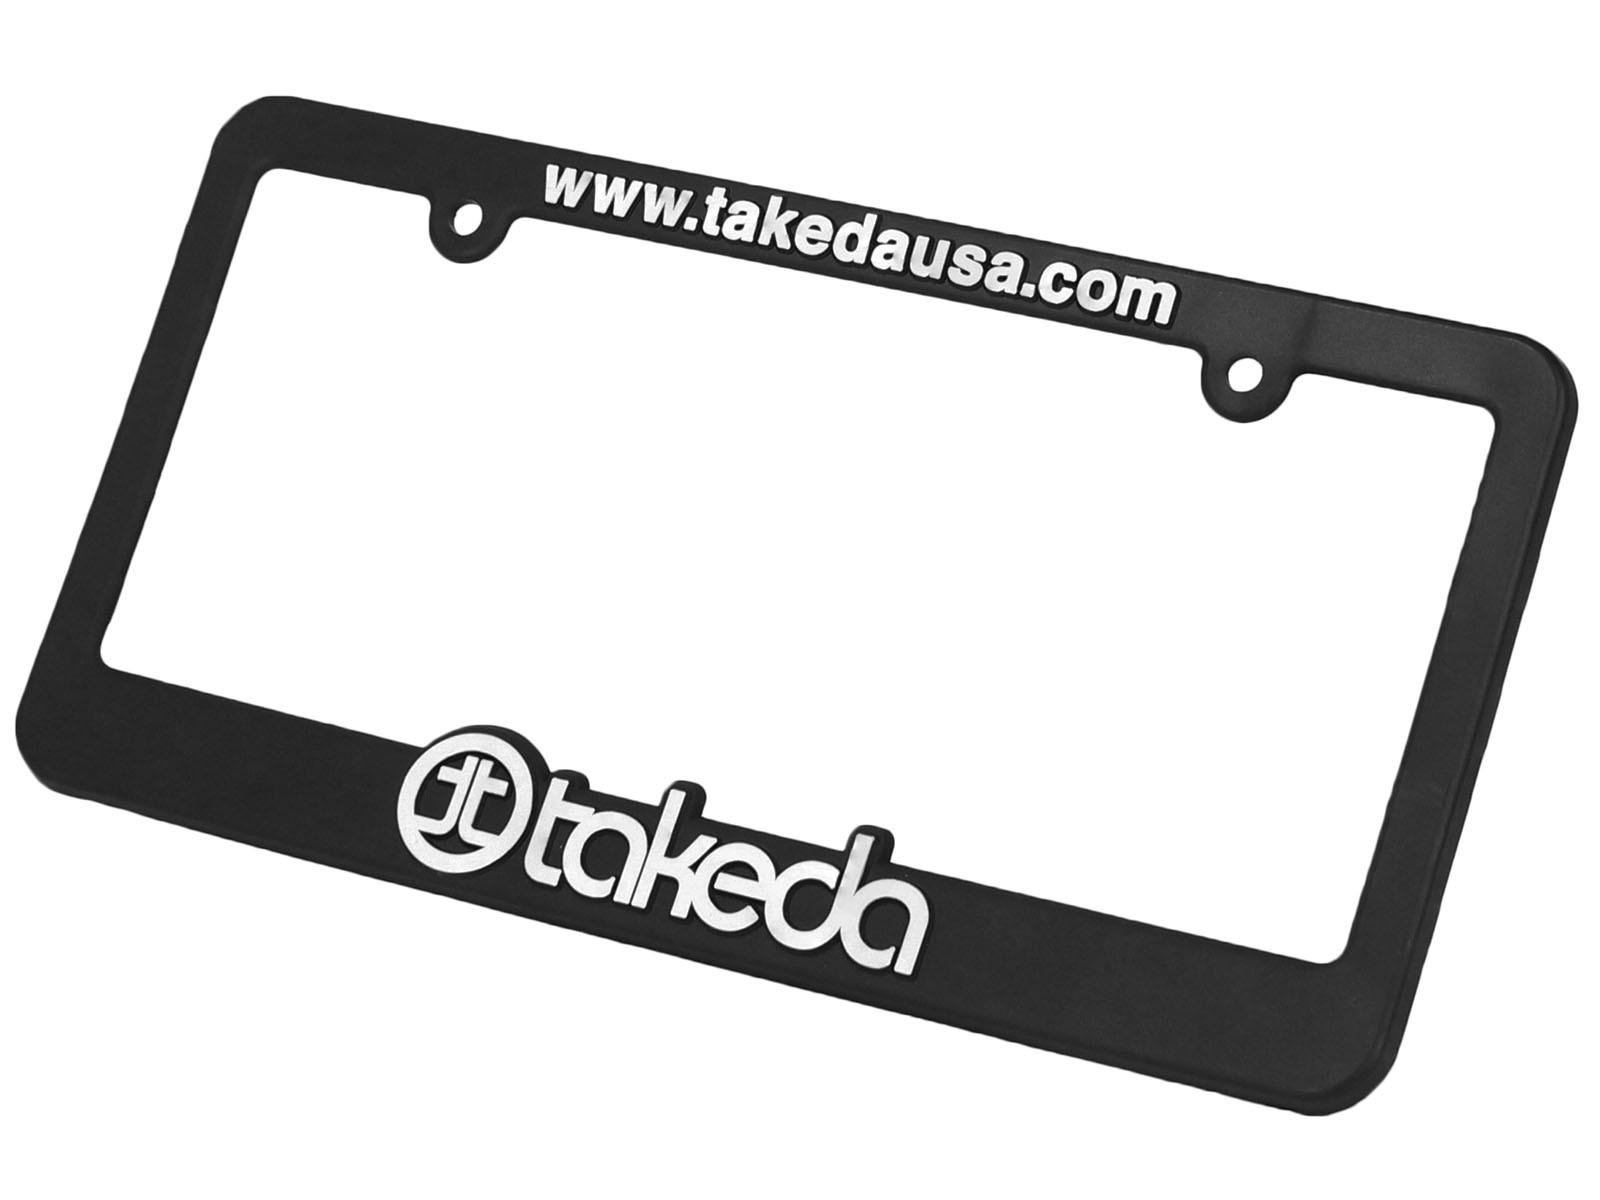 aFe POWER TP-7014F License Plate Frame: Takeda